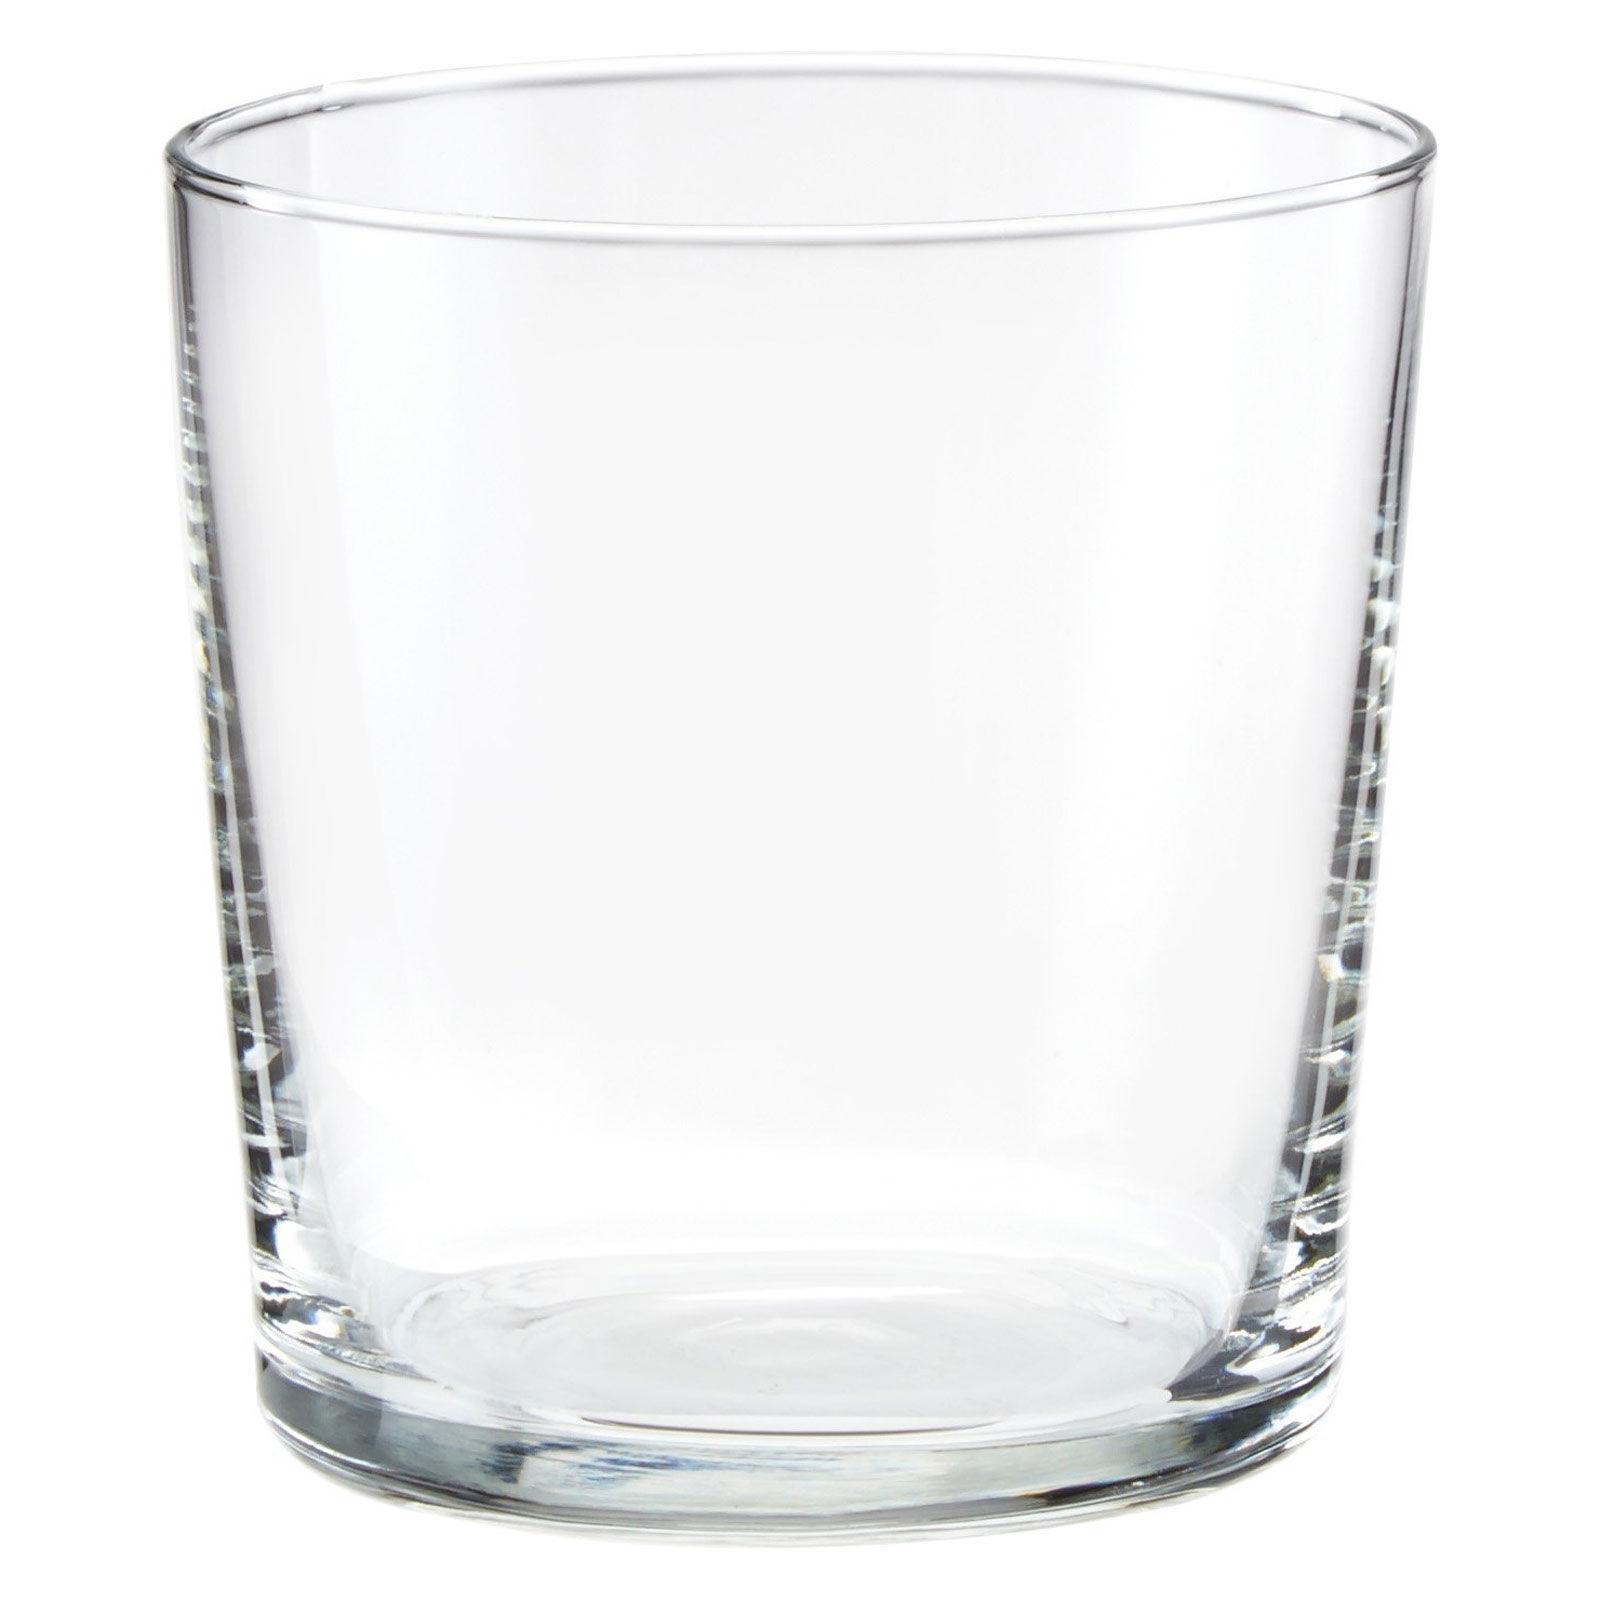 Trinkgläser günstig